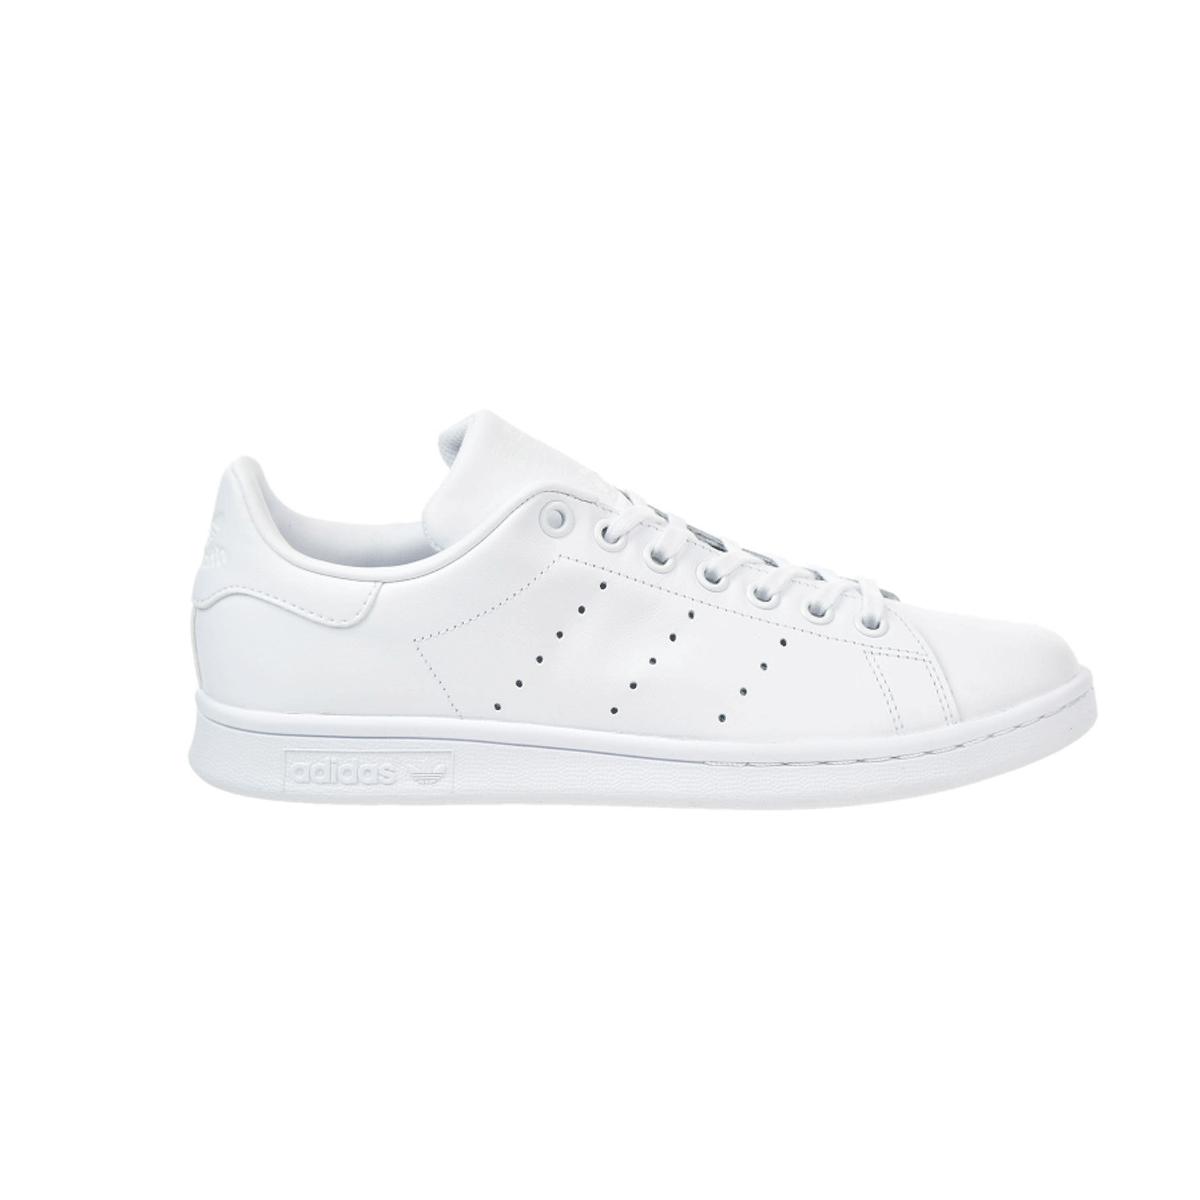 Chaussures Adidas Originals Stan Smith Junior Blanche